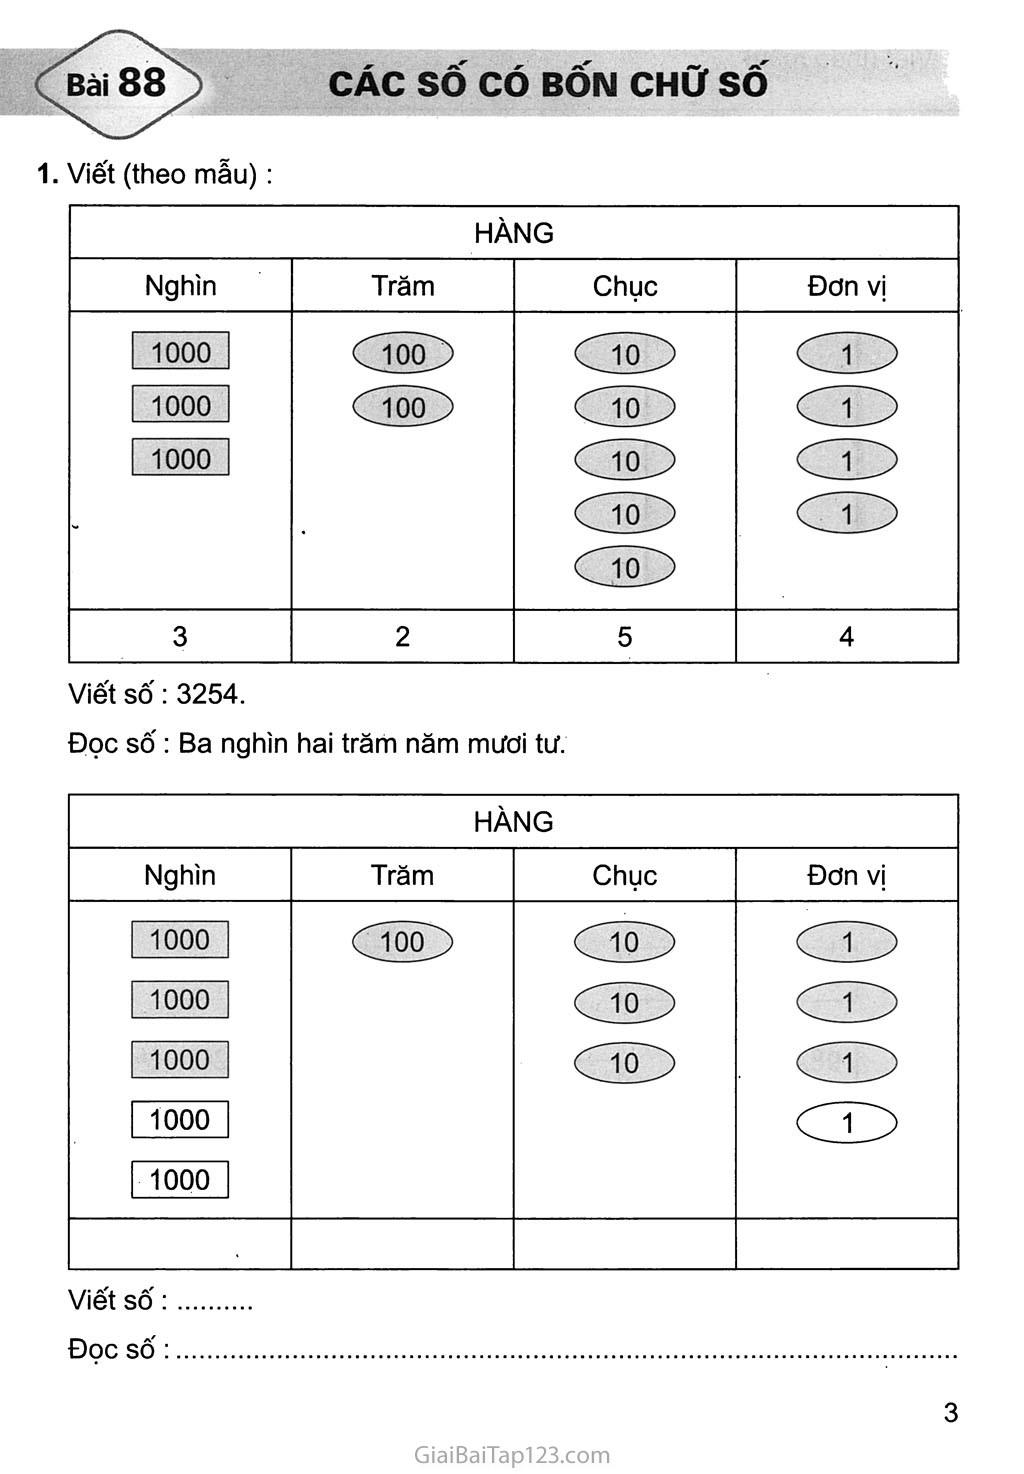 Bài 88: Các số có bốn chữ số trang 1